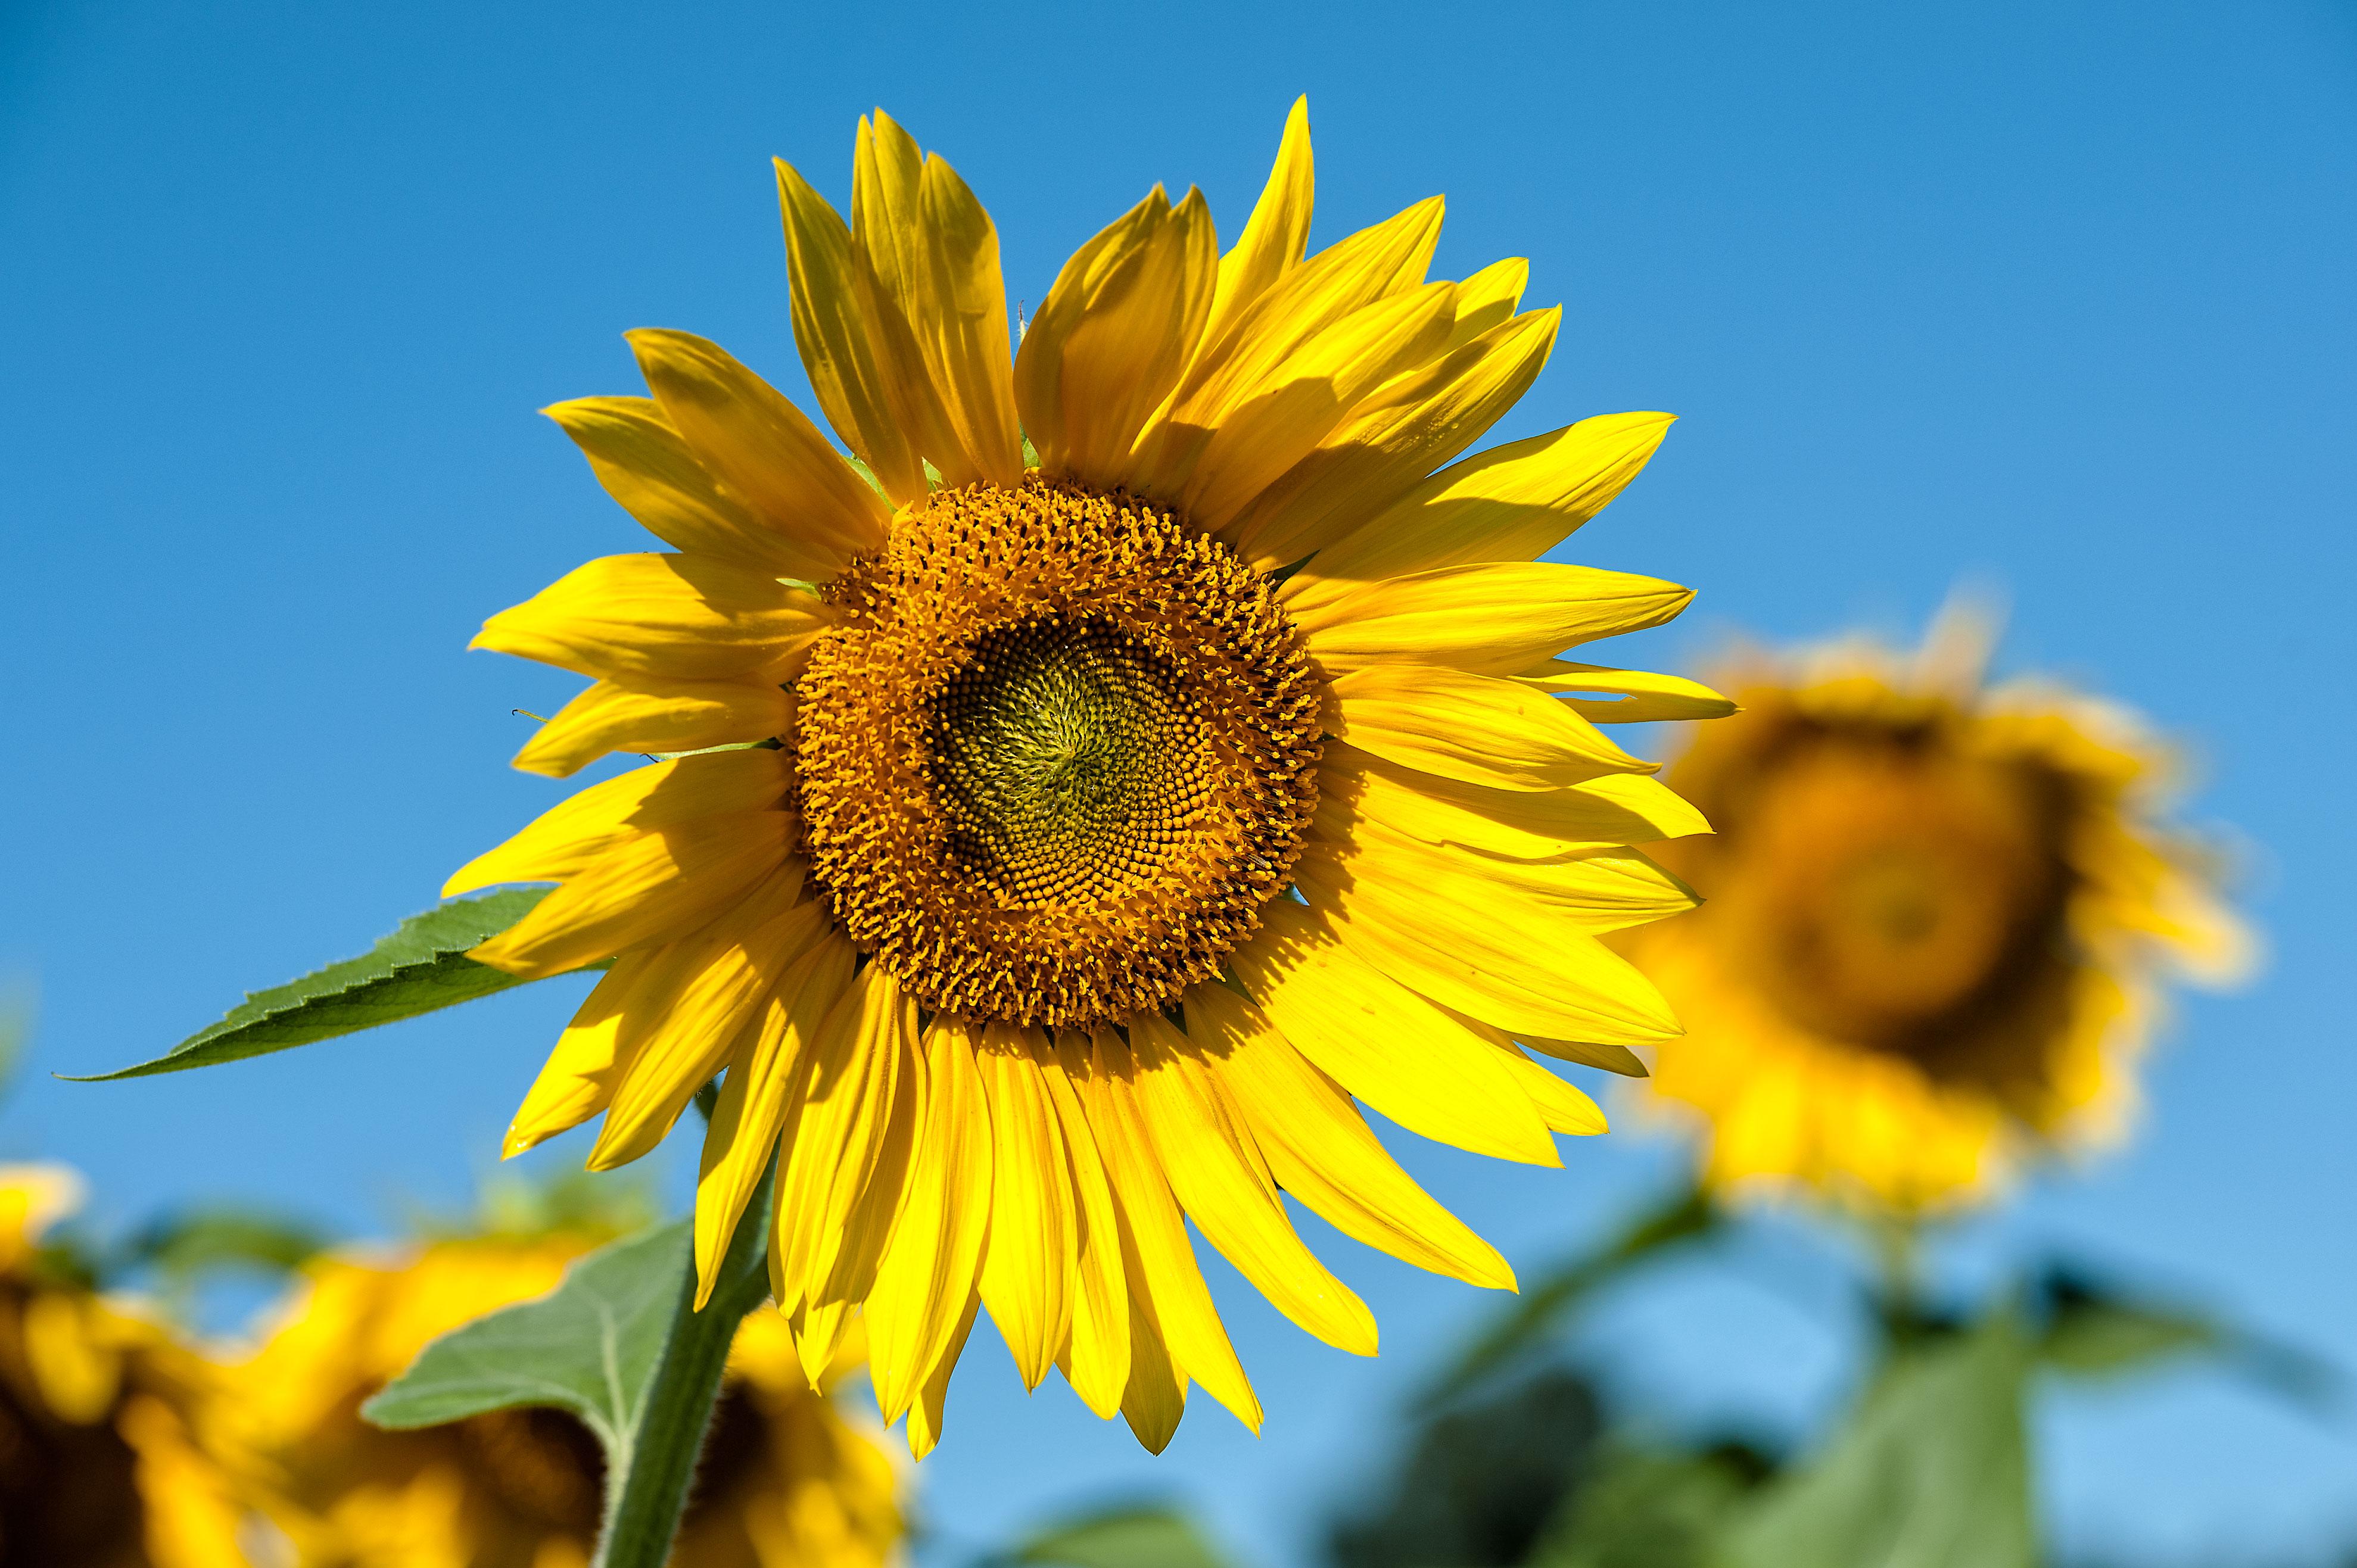 3957 x 2633 jpeg 1571kBSunflower